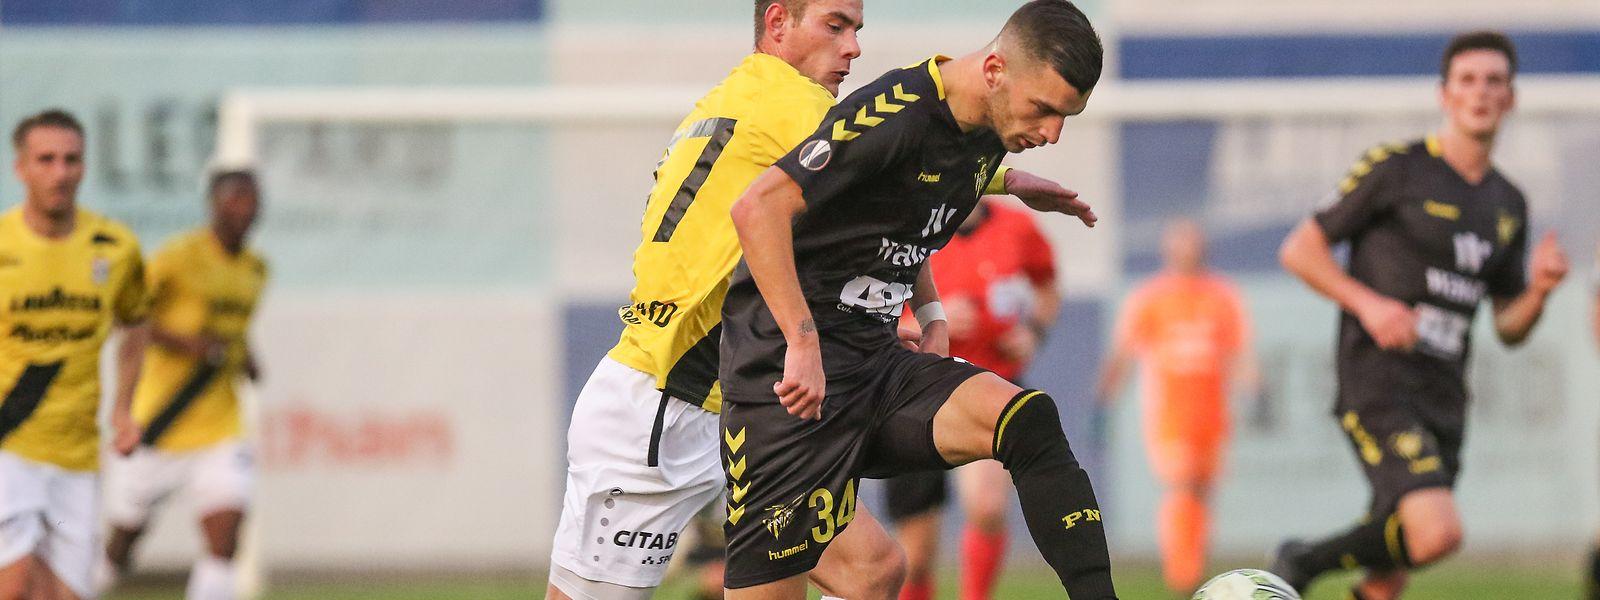 Niderkorn e F91 Dudelange vão disputar um dos principais jogos da 21a jornada.